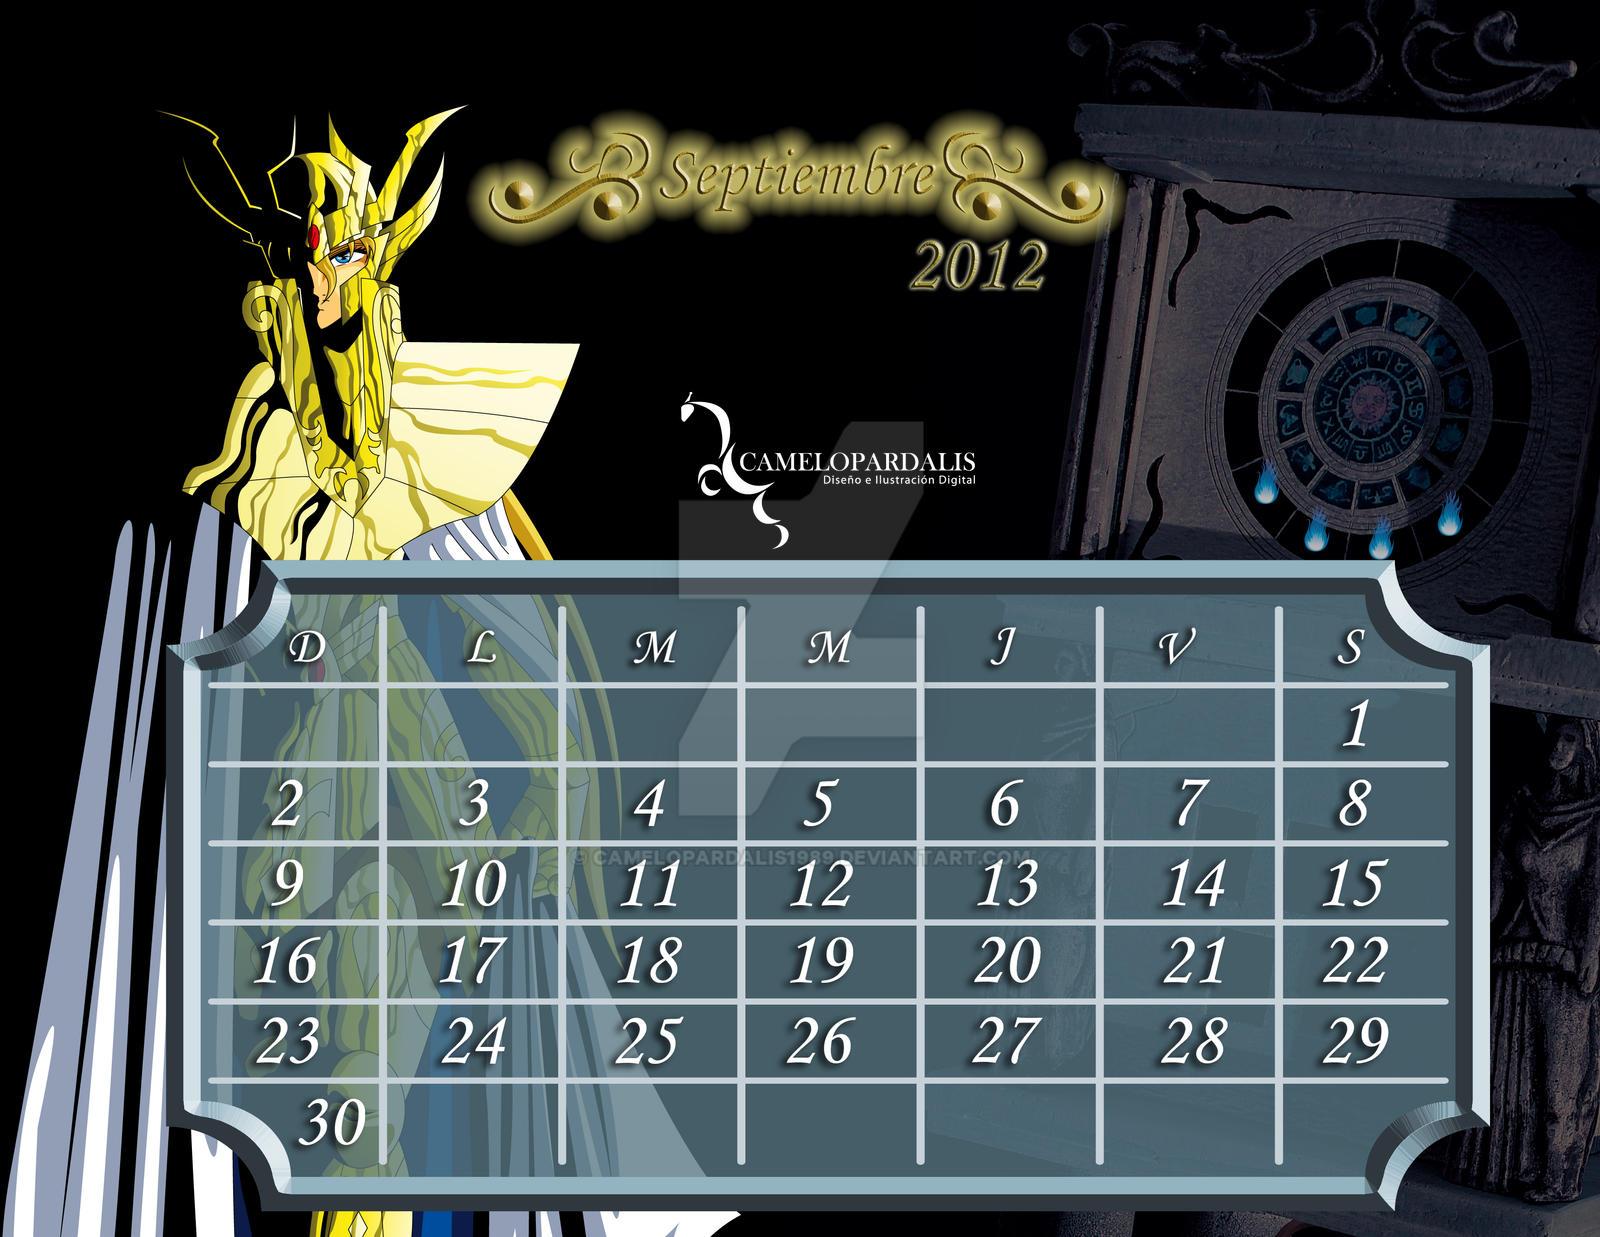 Calendario 18 19 Sep.Saint Seiya Calendario Sep By Camelopardalis1989 On Deviantart